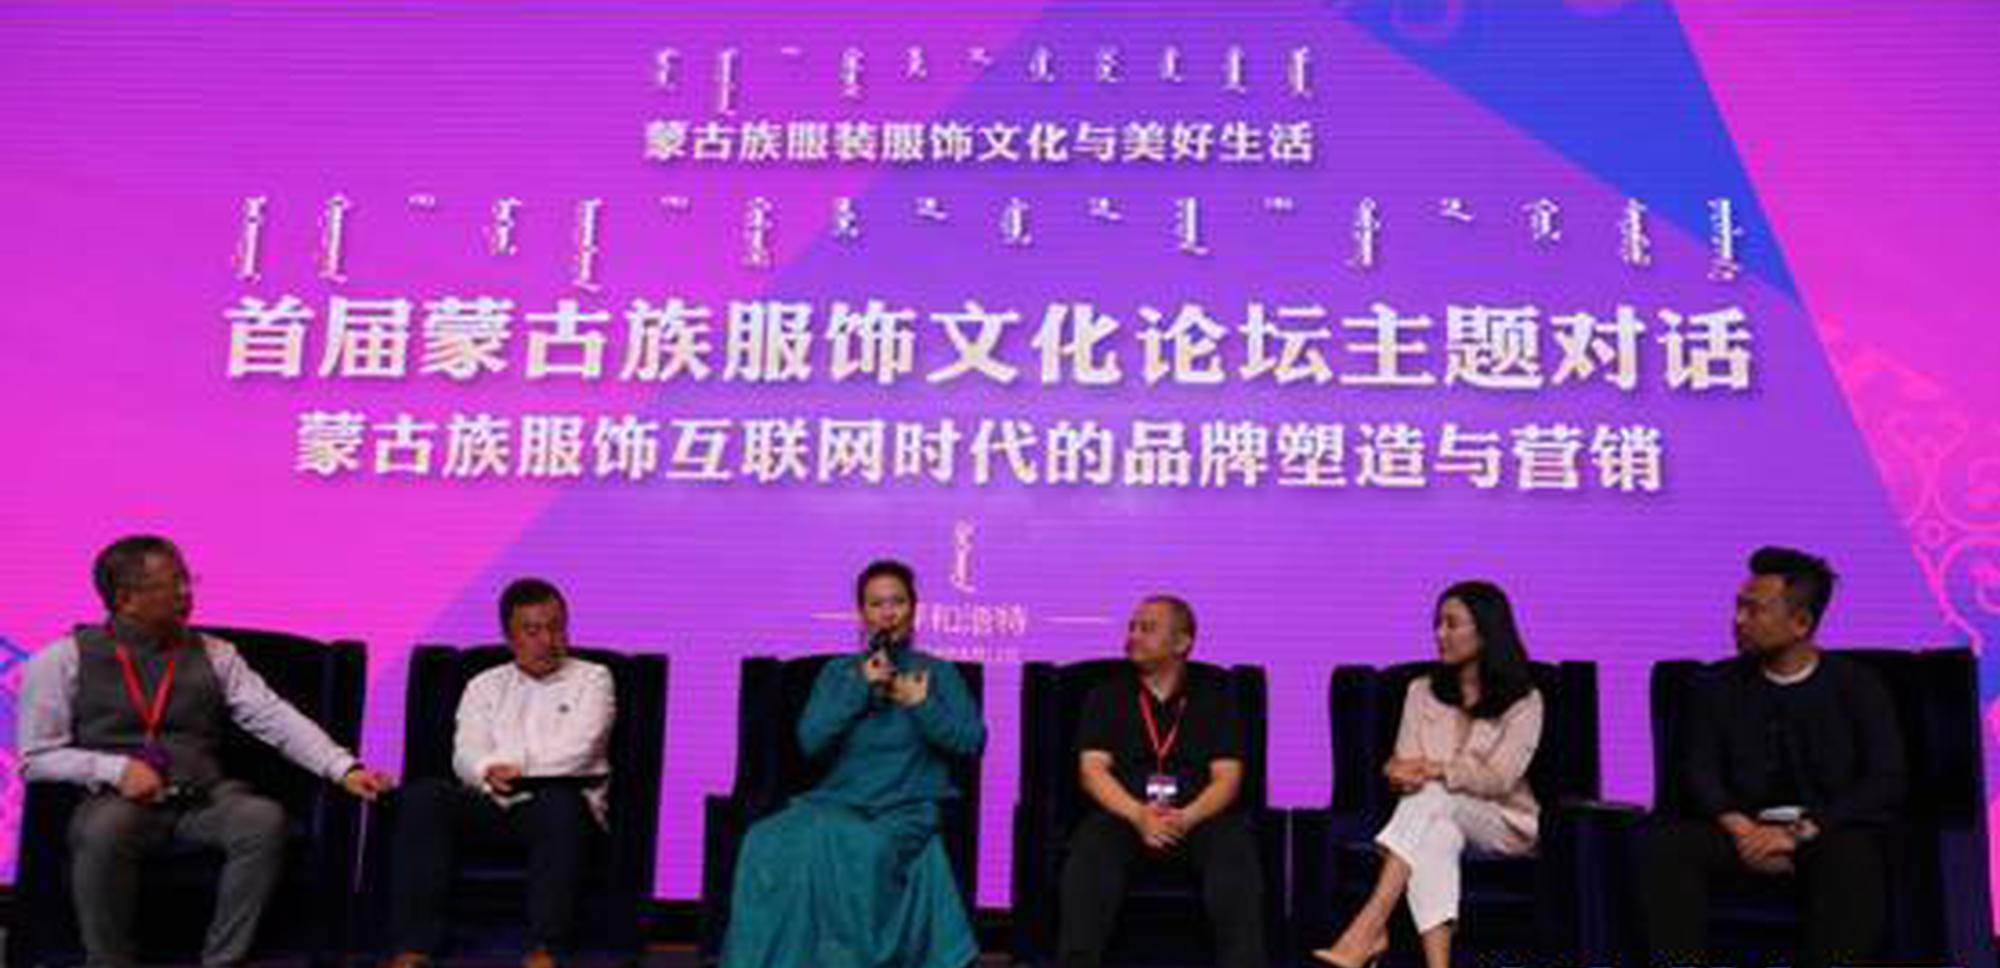 首届蒙古族服饰文化论坛 在呼和浩特市召开